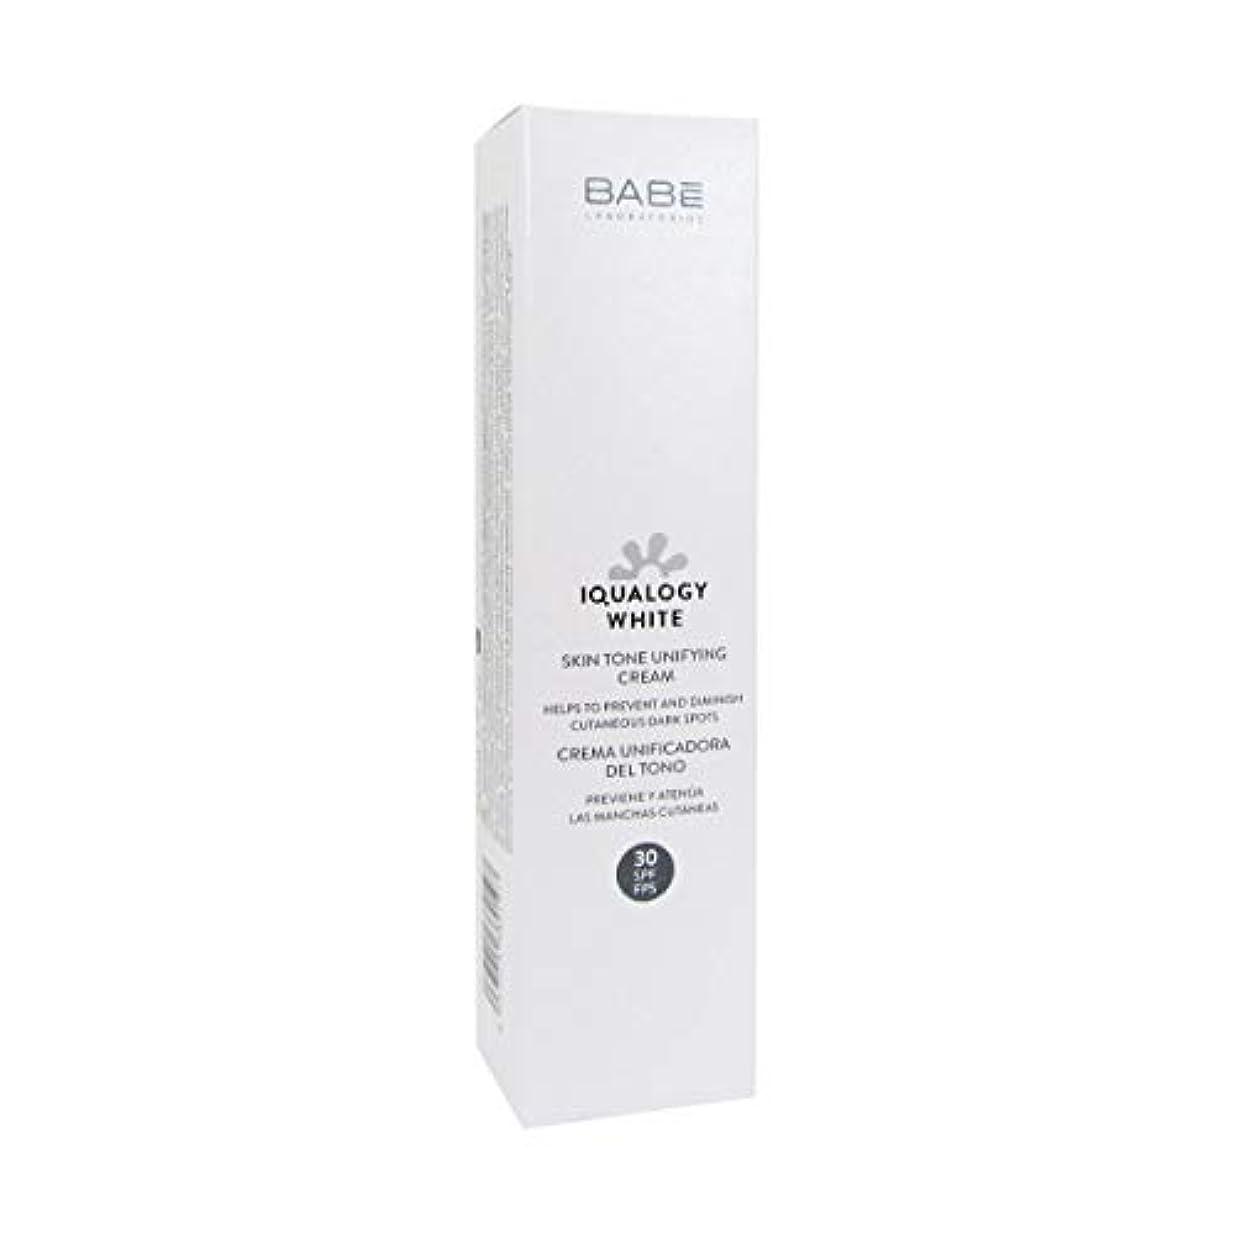 メロディアス関与する健康Bab Iqualogy White Cream Spf30 50ml [並行輸入品]